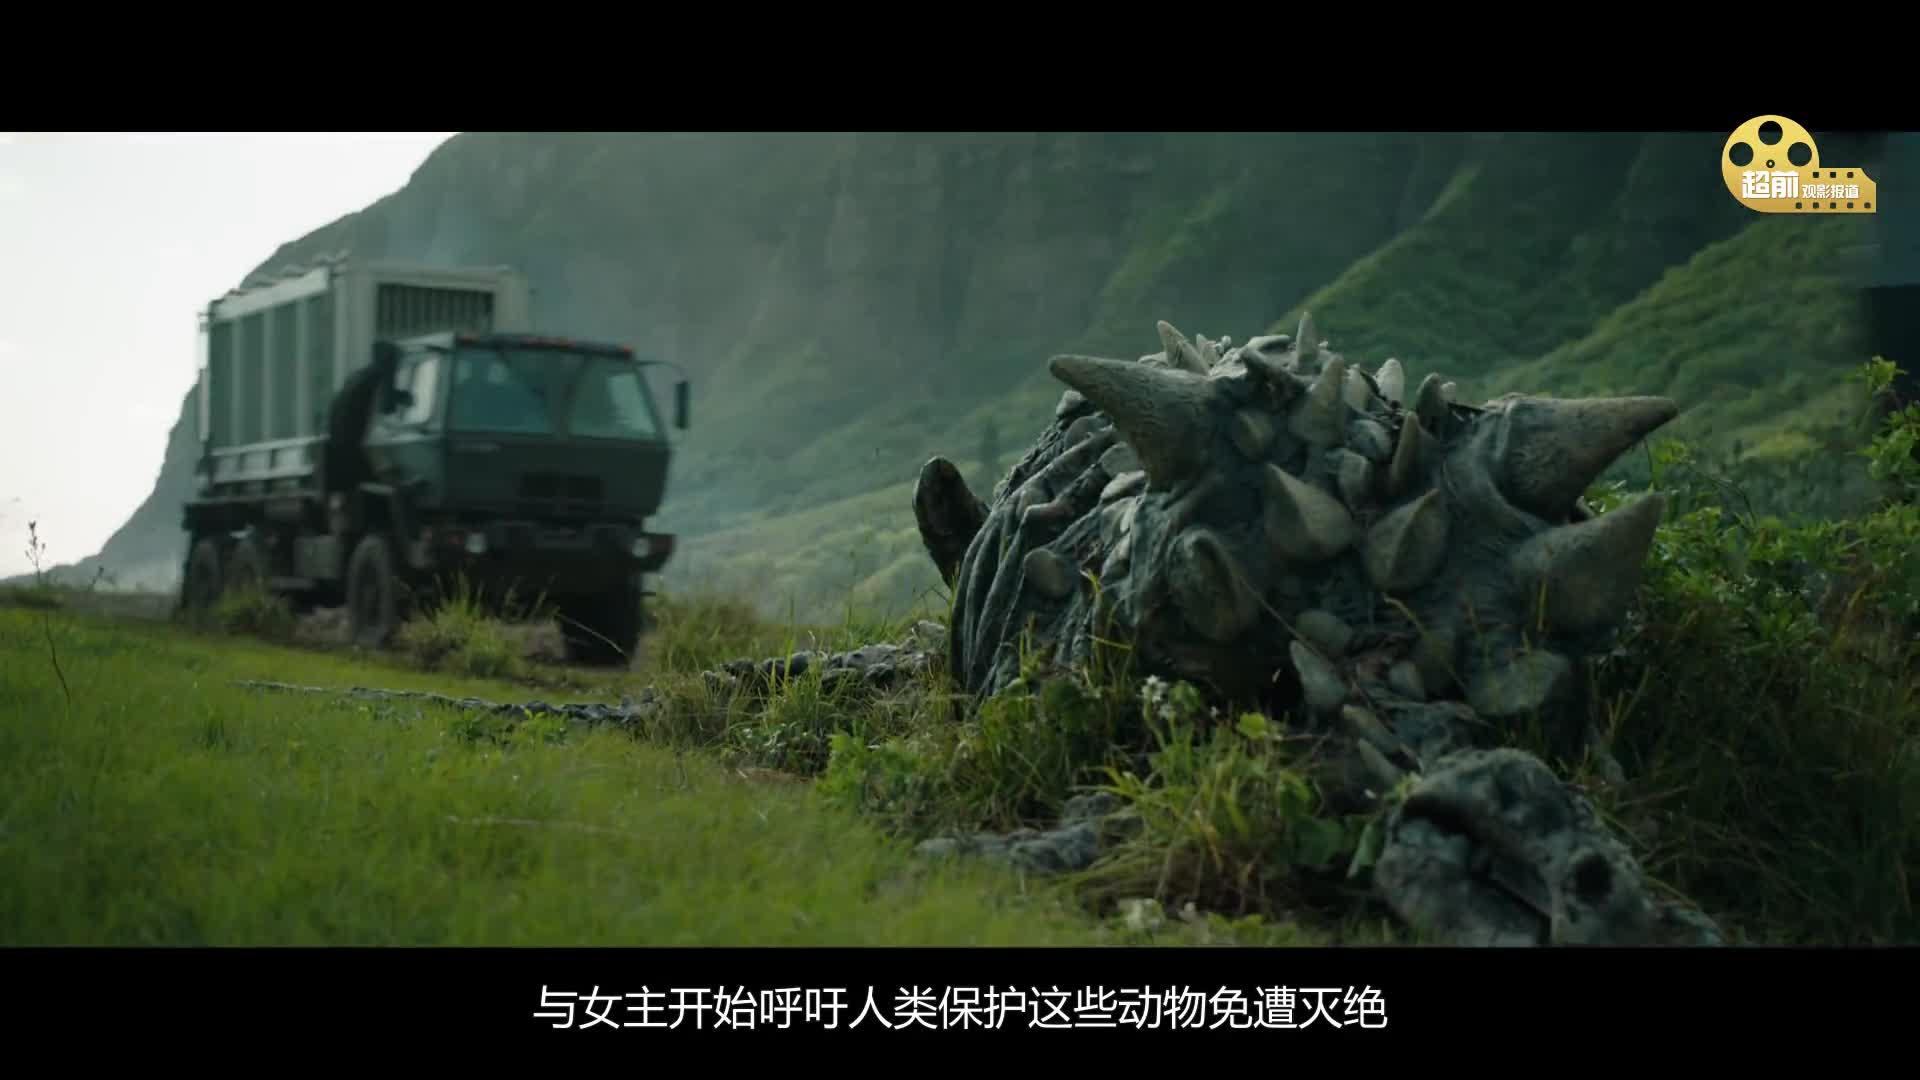 【侏罗纪世界2】超前观影报道 恐龙组团来袭